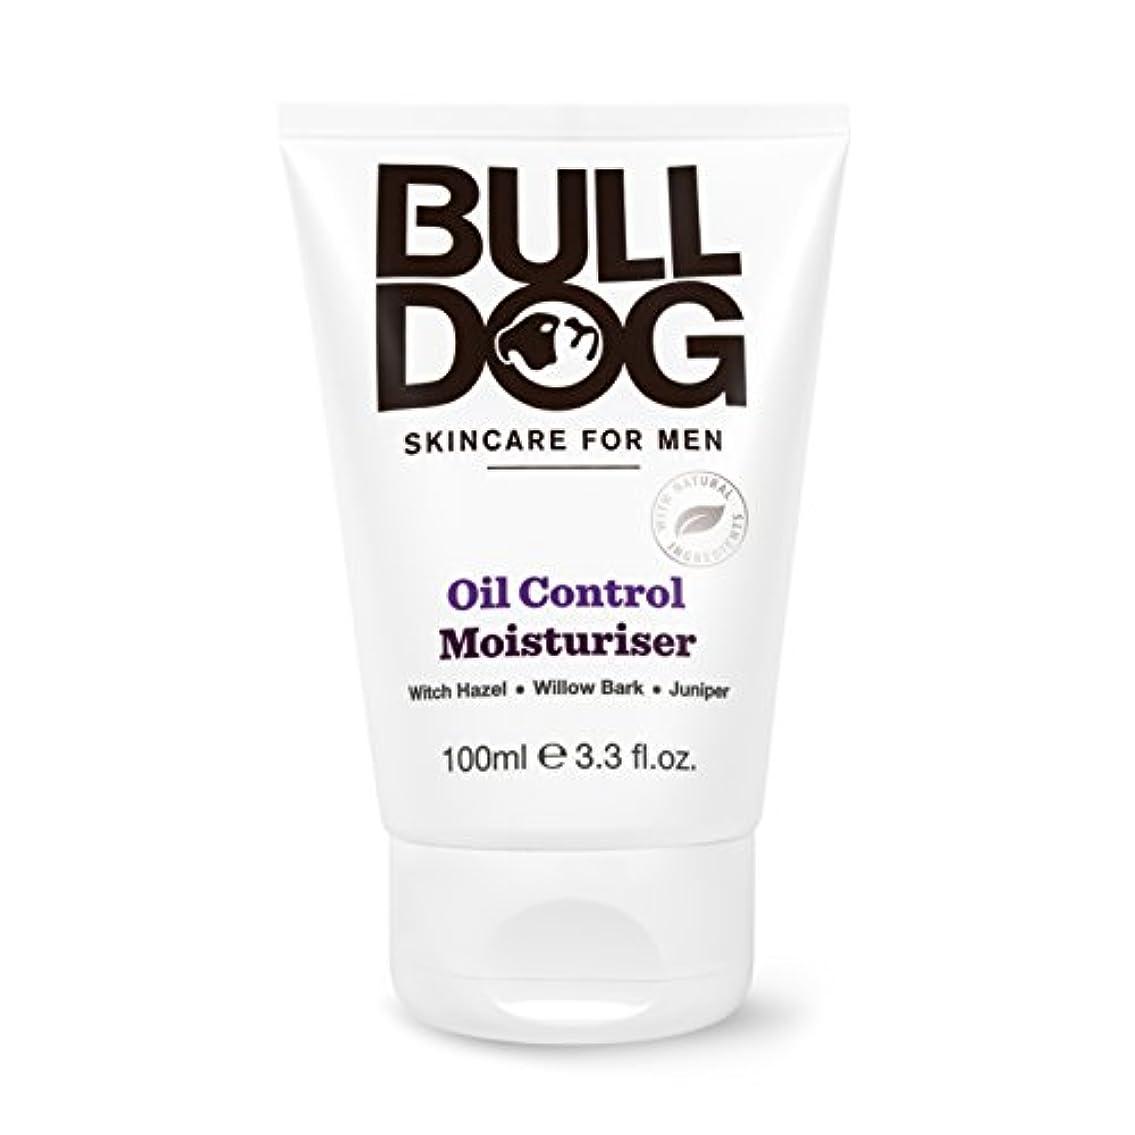 危険にさらされている典型的な代表してブルドッグ Bulldog オイルコントロール モイスチャライザー(保湿クリーム) 100mL